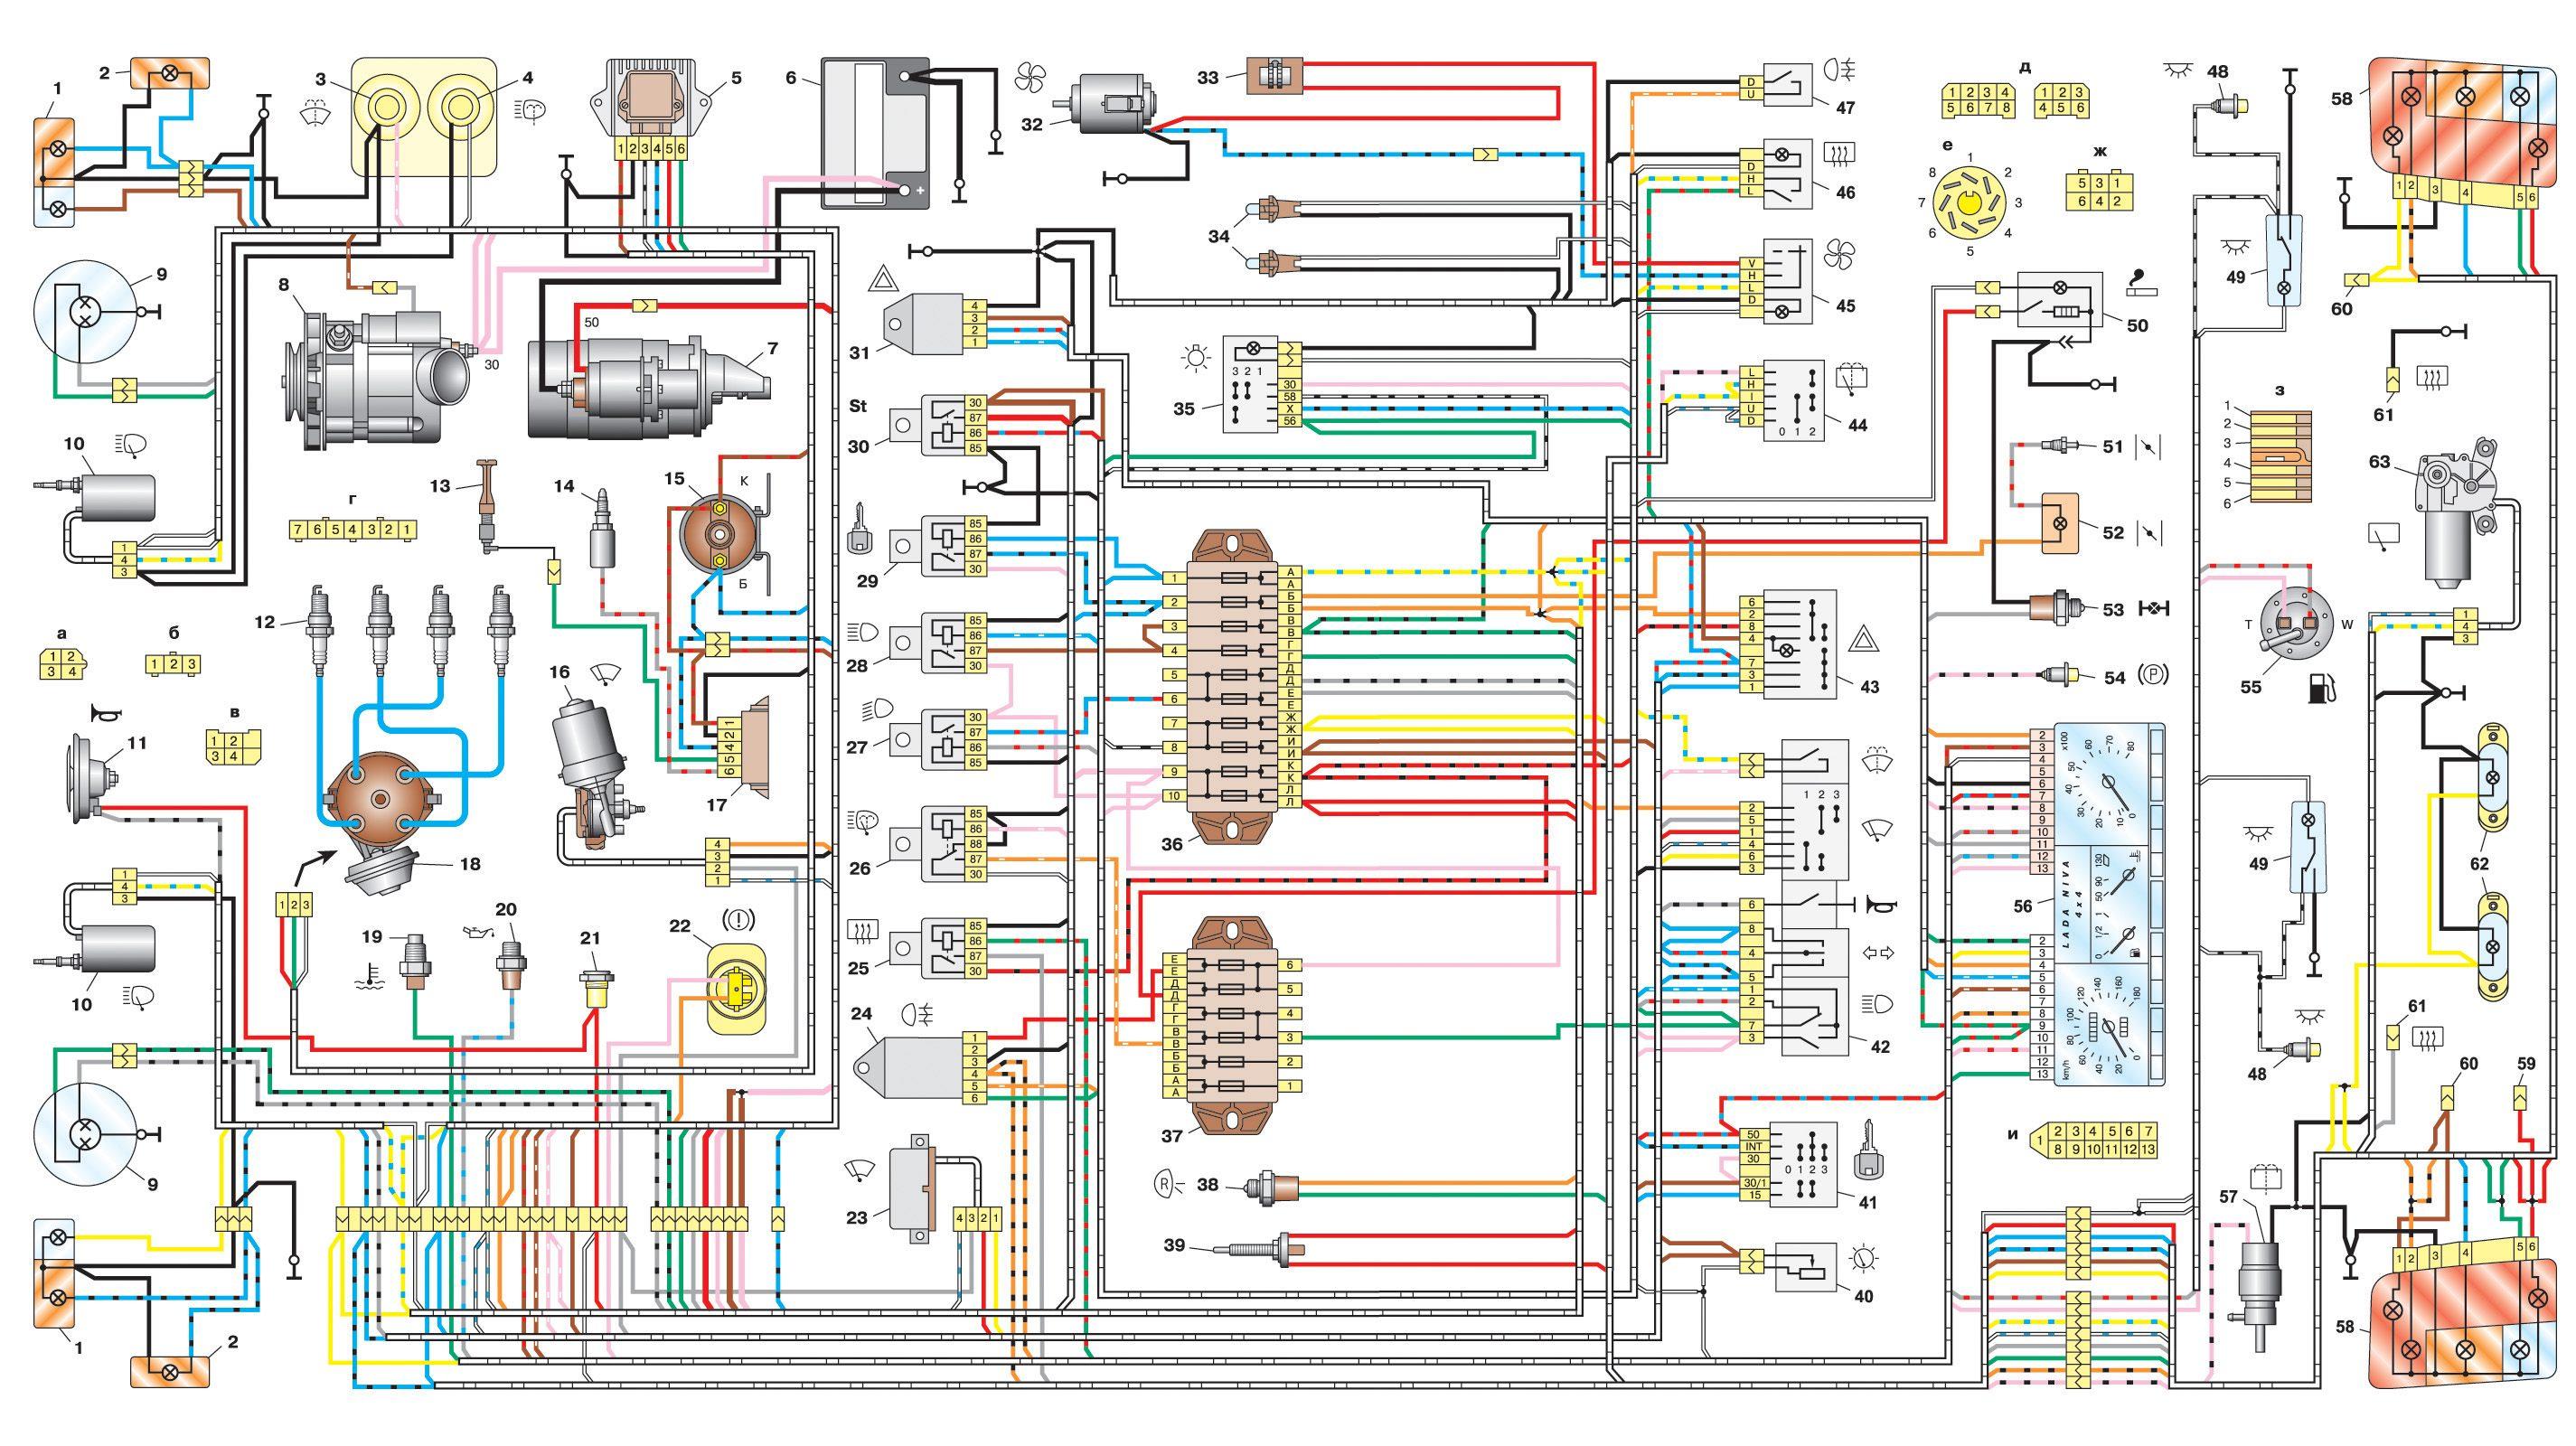 Интерактивная схема электрооборудования автомобилей ВАЗ–21213 ВАЗ 21213.